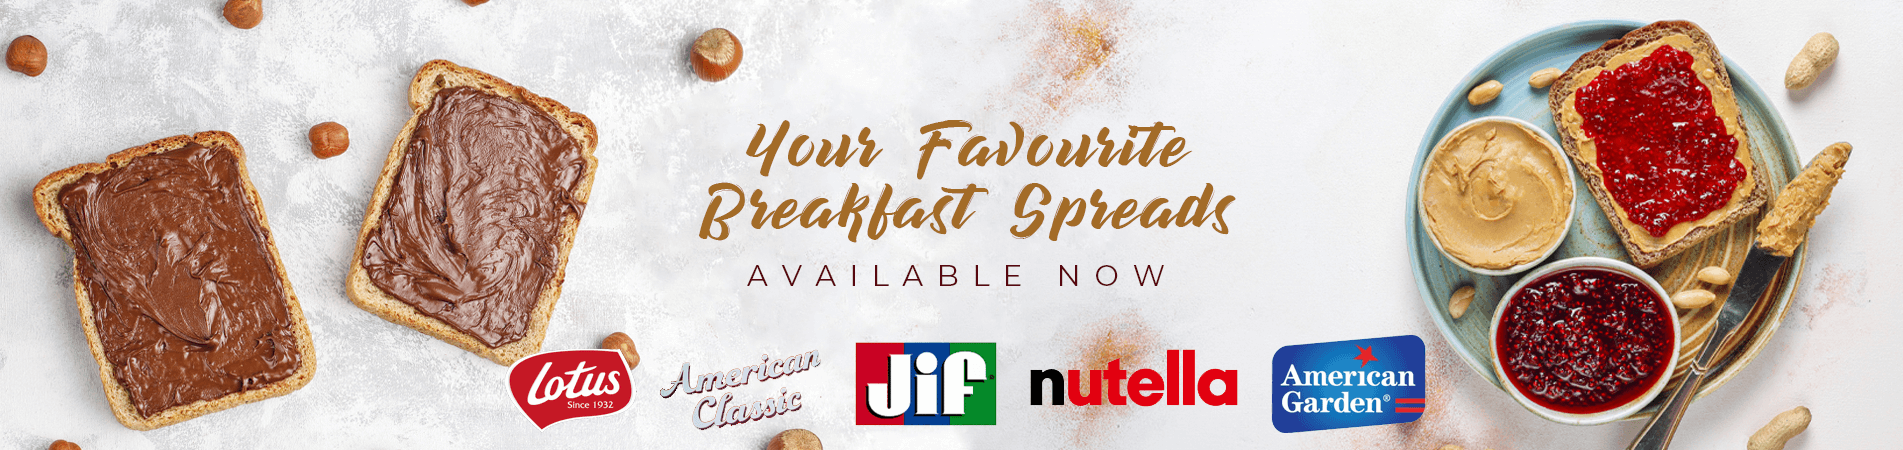 https://bazaar.om/groceries/breakfasts-spreads.html